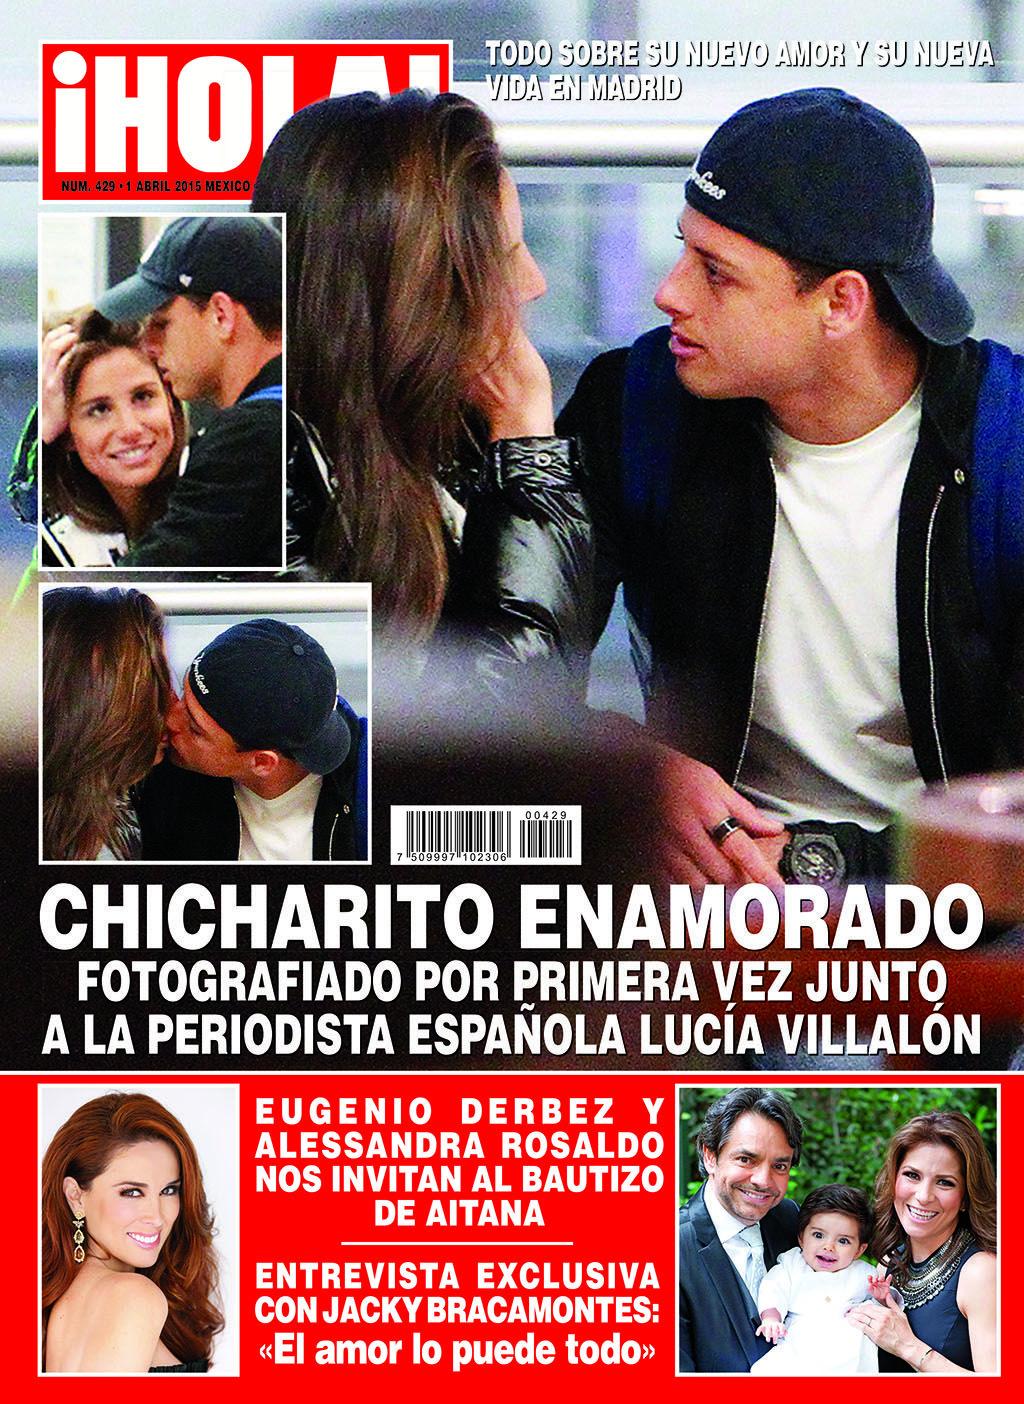 Esta semana en ¡HOLA! Las primeras fotos del Chicharito con su nuevo amor, la periodista española Lucía Villalón. No te la pierdas.